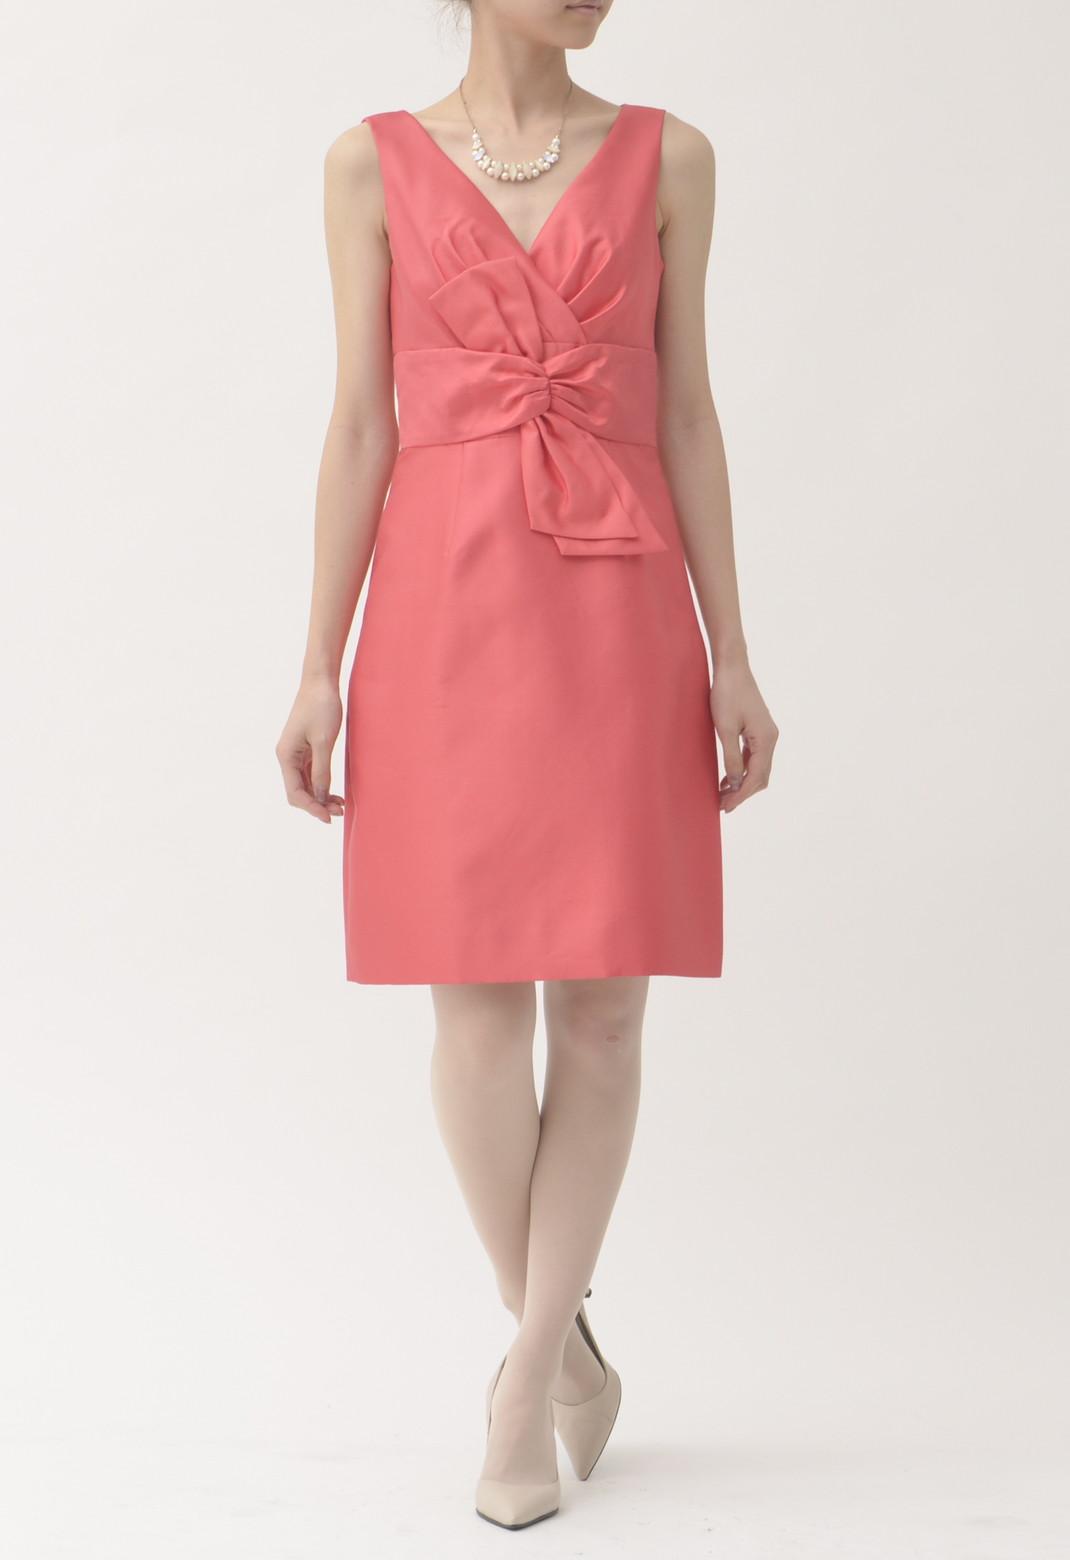 ケイトスペード Vネック フロントリボン飾り シルク混 ノースリーブ ドレス 米2